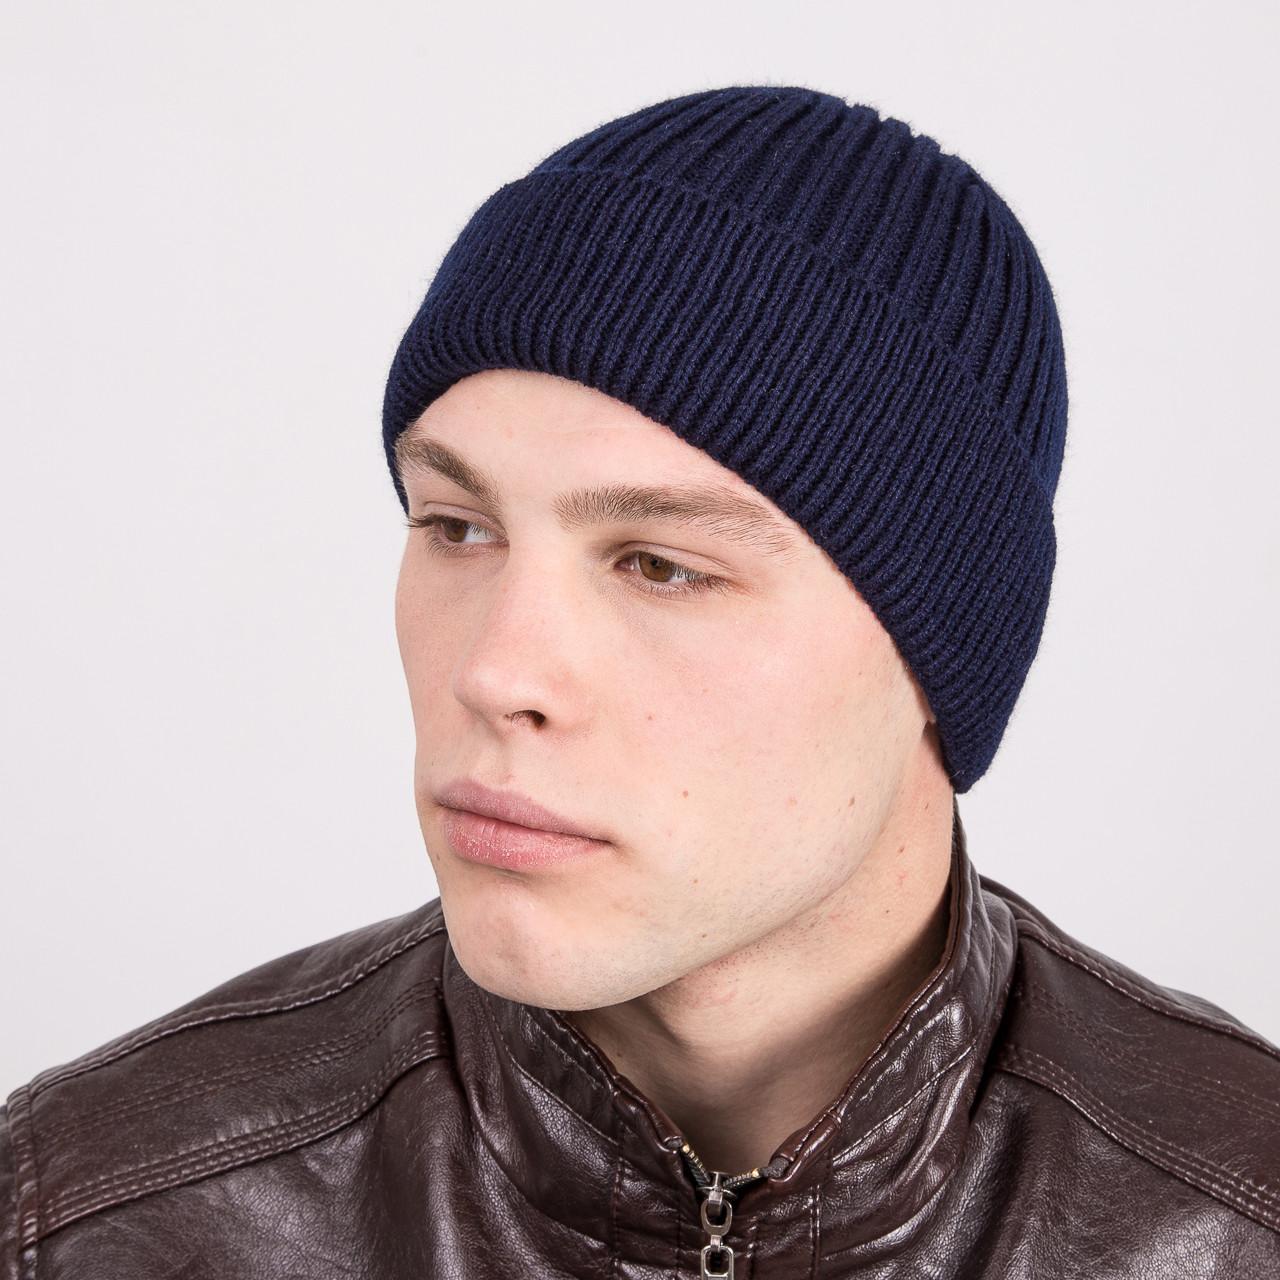 Вязаная зимняя мужская шапка 2016 - Артикул m1d